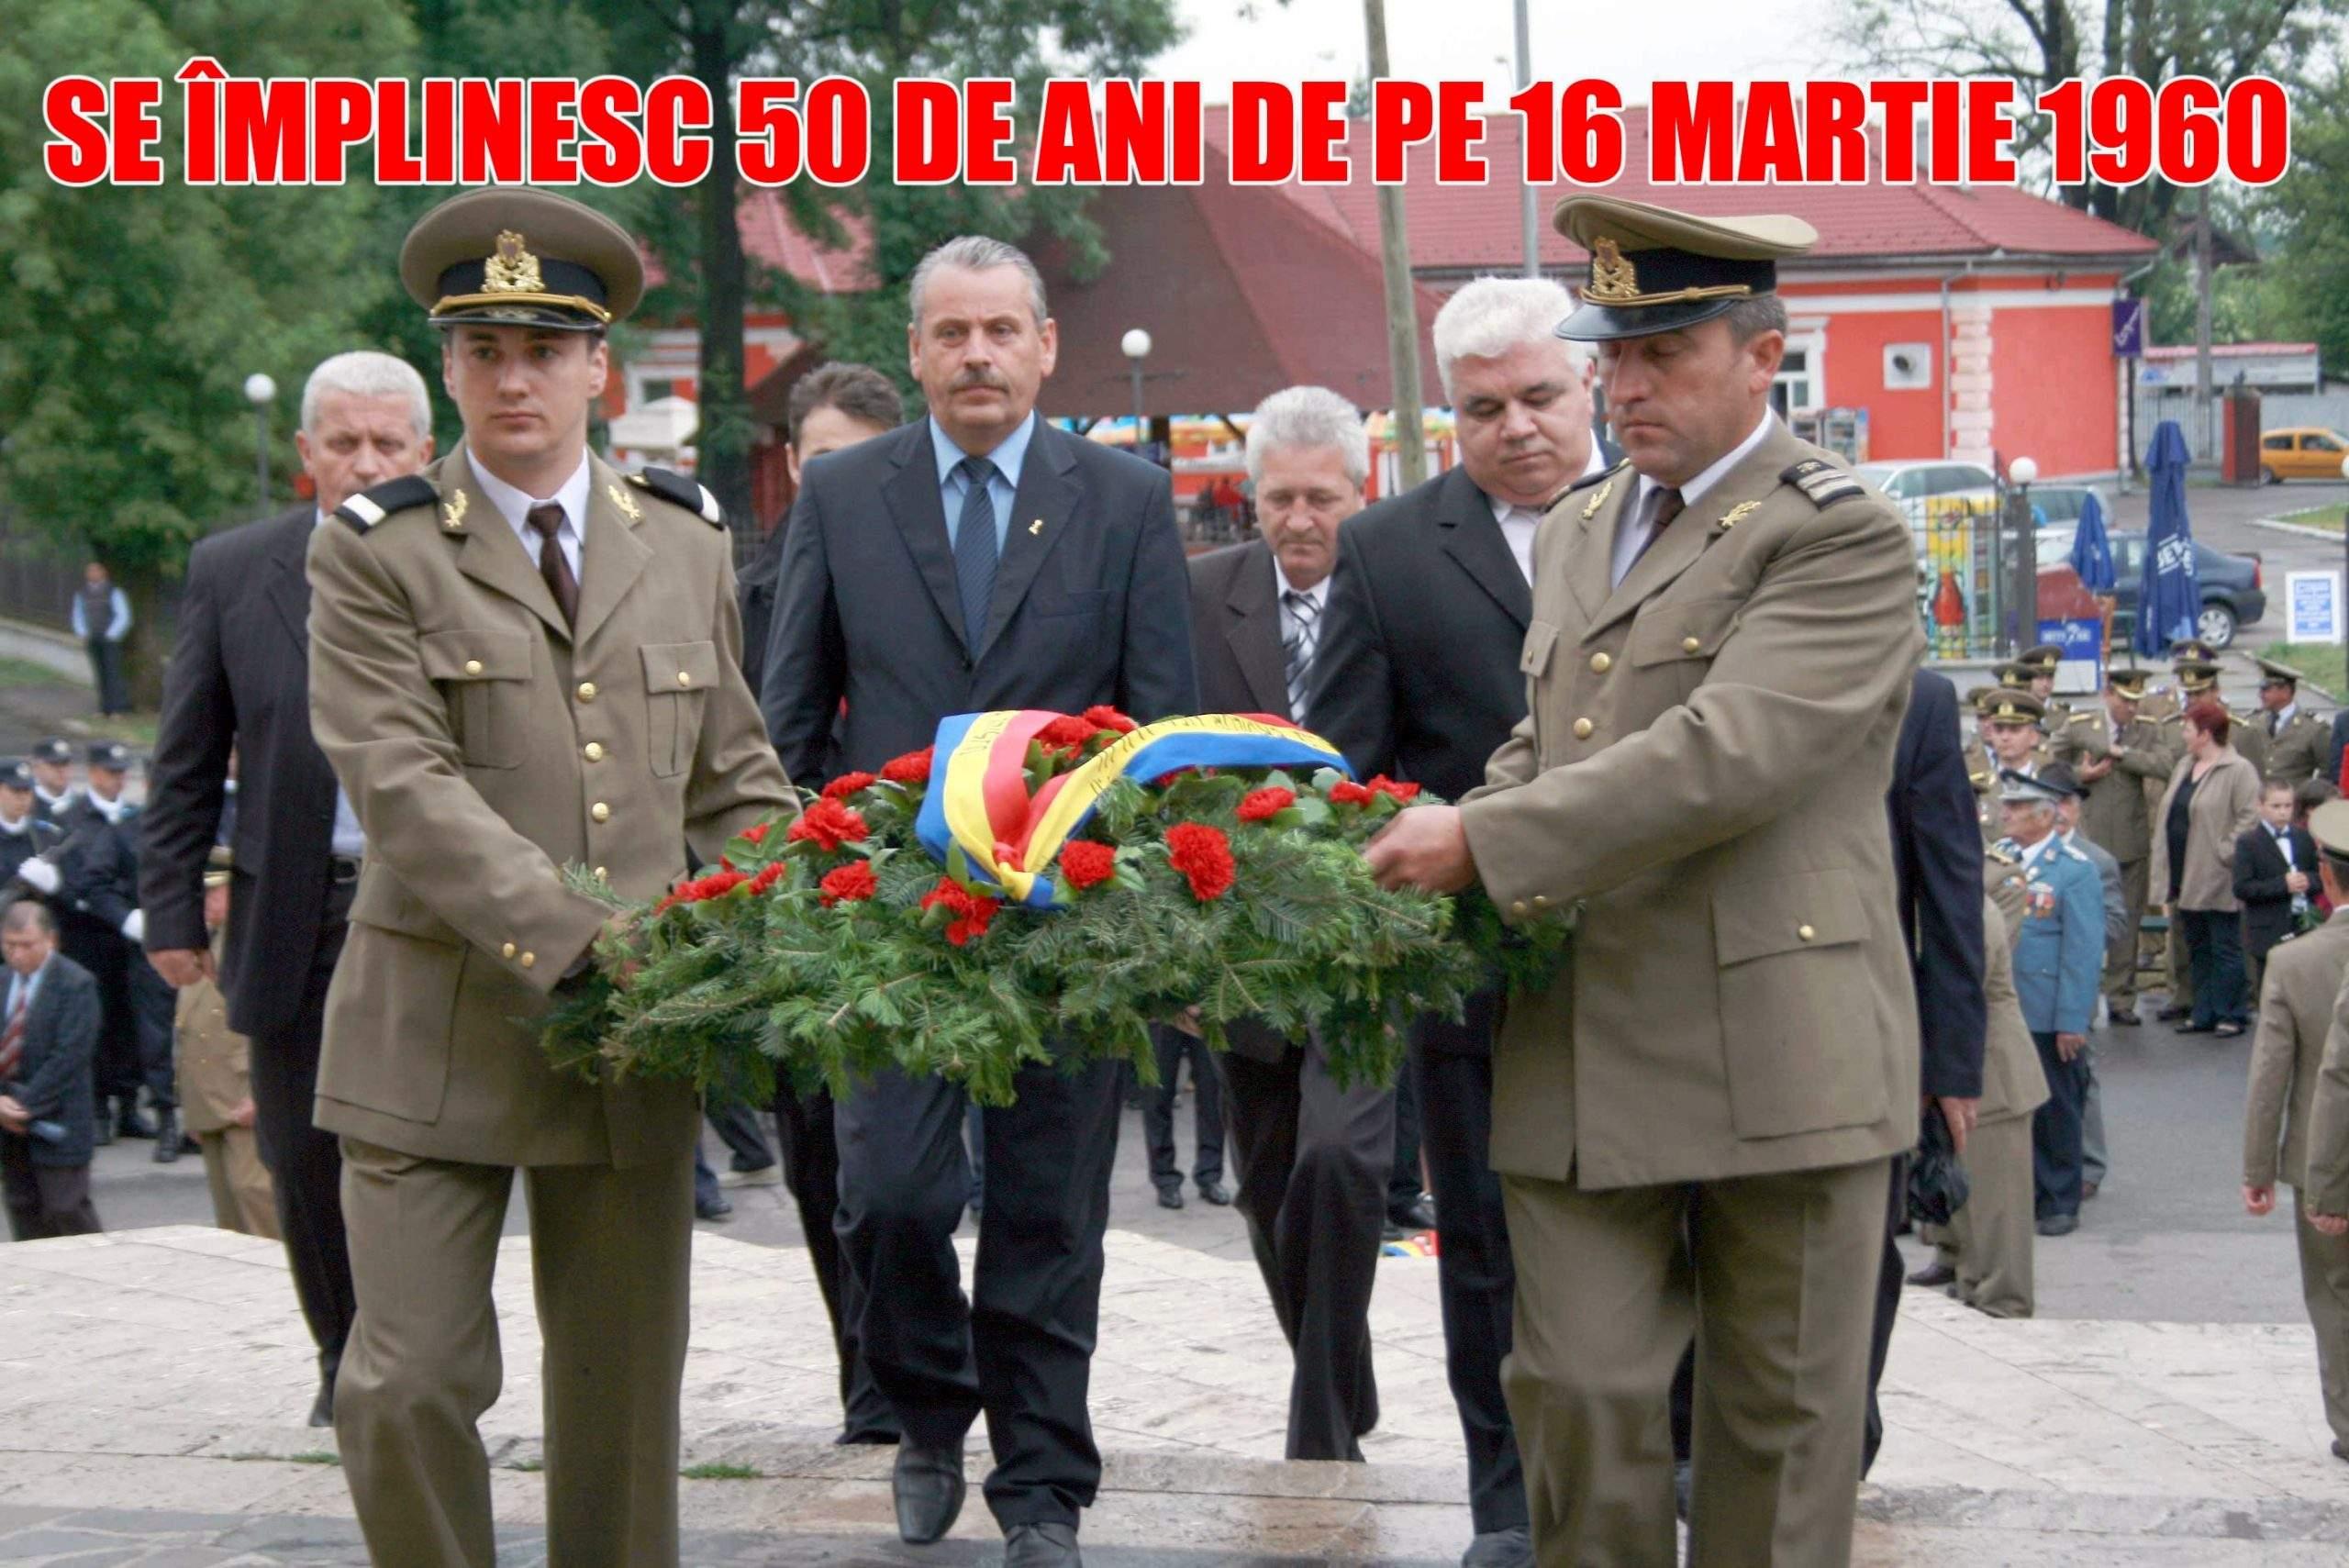 16 Martie 2010, 50 de ani de la 16 Martie 1960